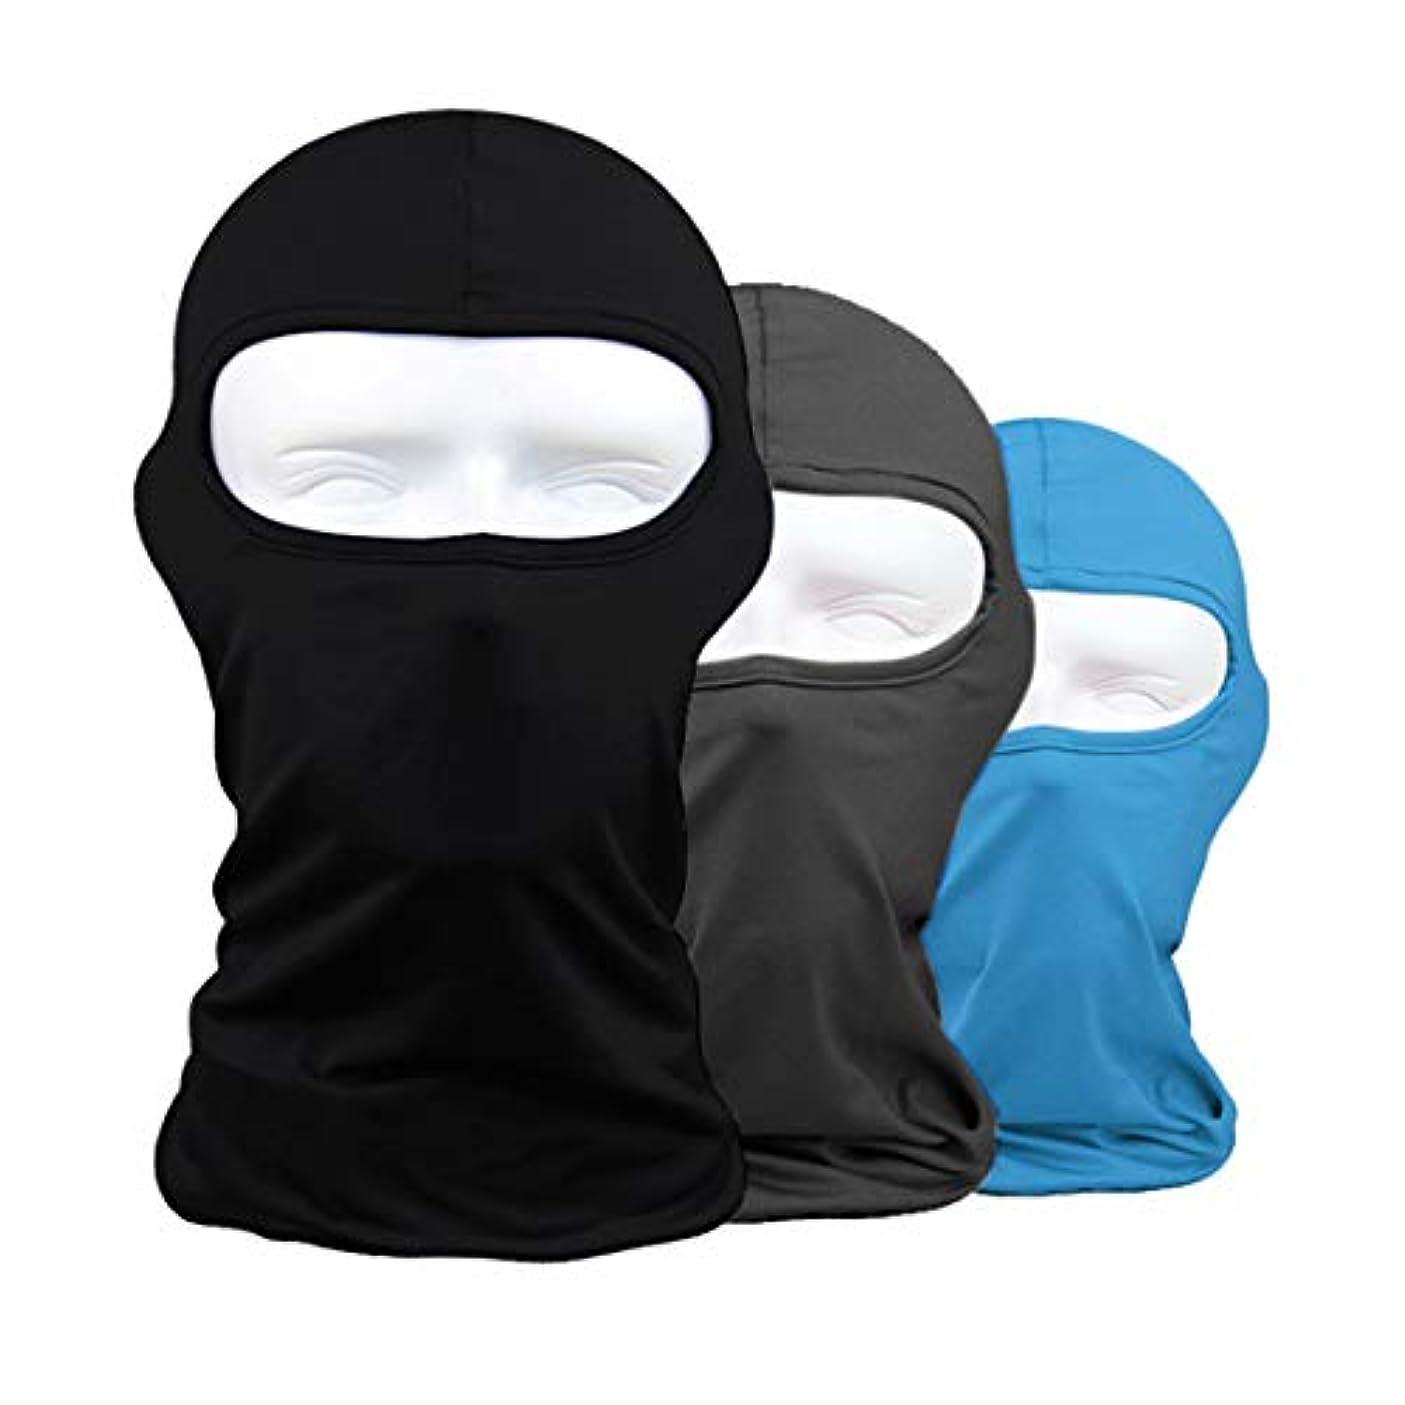 スラッシュレベルリスナーフェイスマスク 通気 速乾 ヘッドウェア ライクラ生地 目だし帽 バラクラバ 保温 UVカット,ブラック + グレー + ブルー,3枚